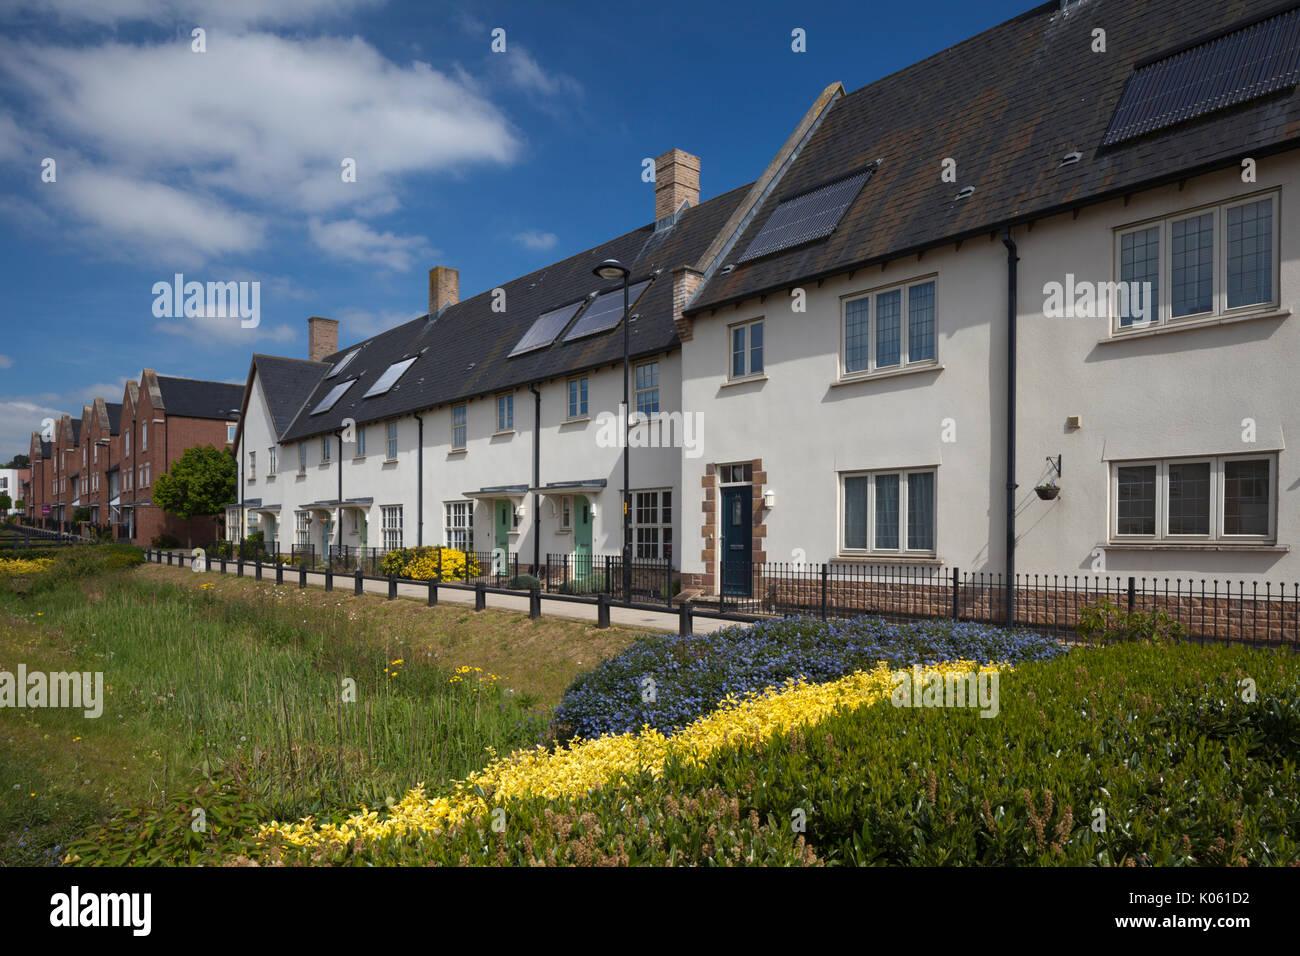 Alojamiento moderno con terraza con paneles solares en el techo que forman parte del Eco diseño moderno desarrollo de Upton, un suburbio de la ciudad de Northampton, Inglaterra, Reino Unido. Imagen De Stock